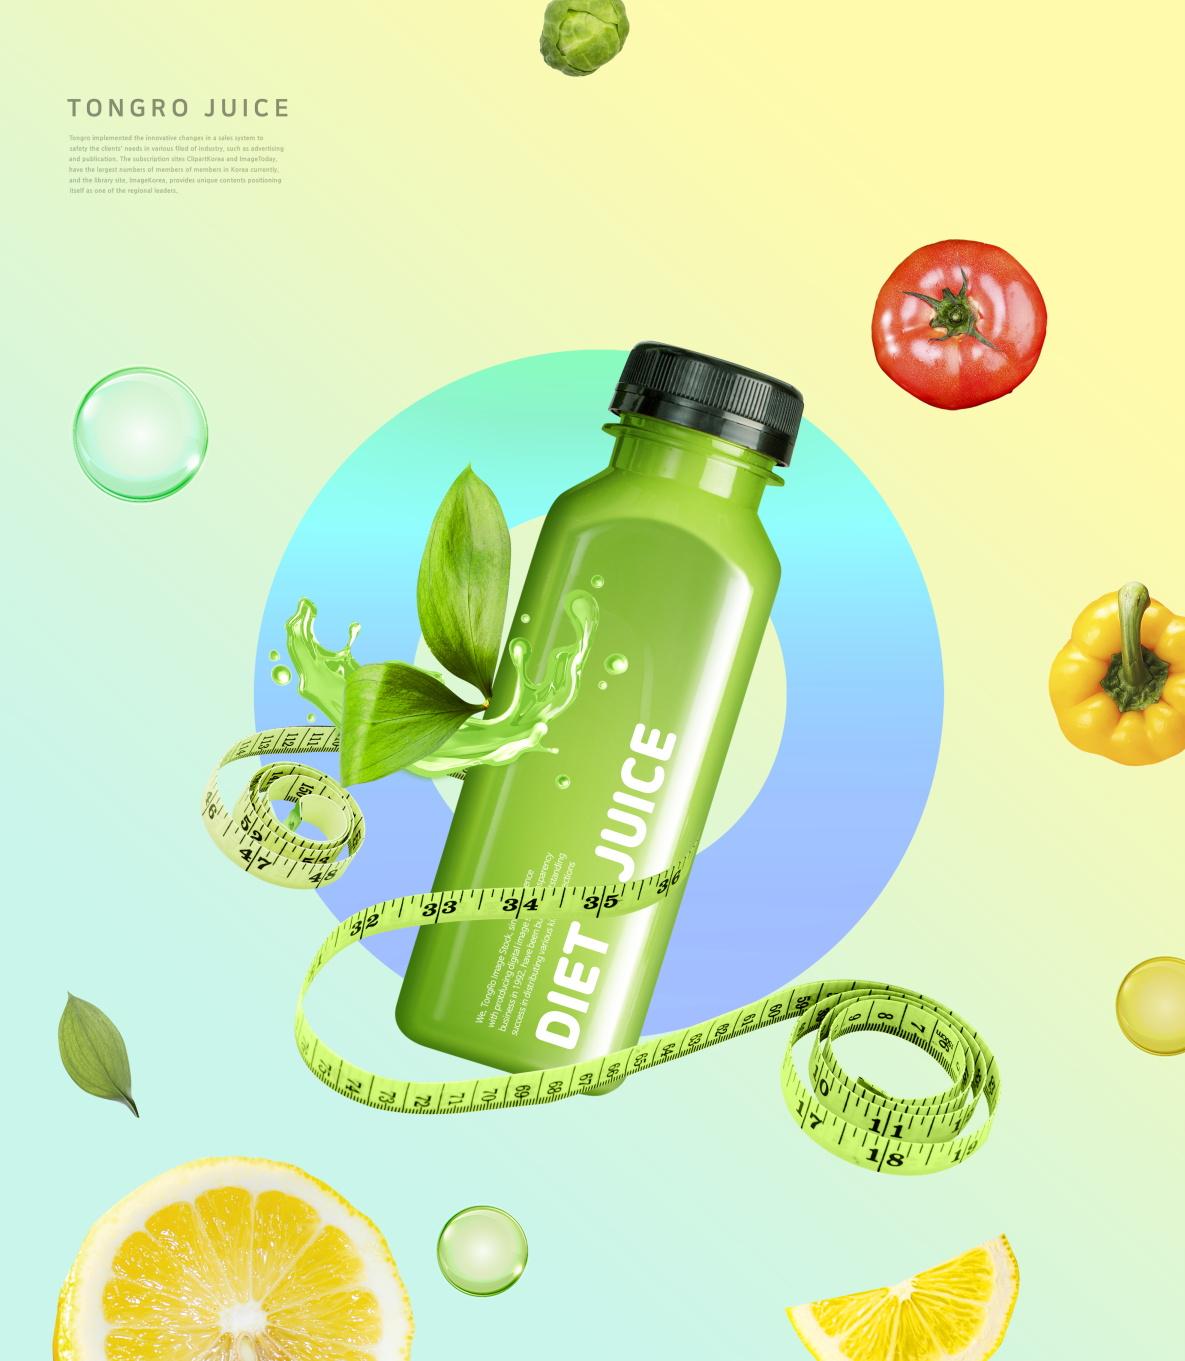 7款果汁饮料奶茶牛奶海报传单设计PSD模板素材 Juice Drink Sale Poster Template插图5